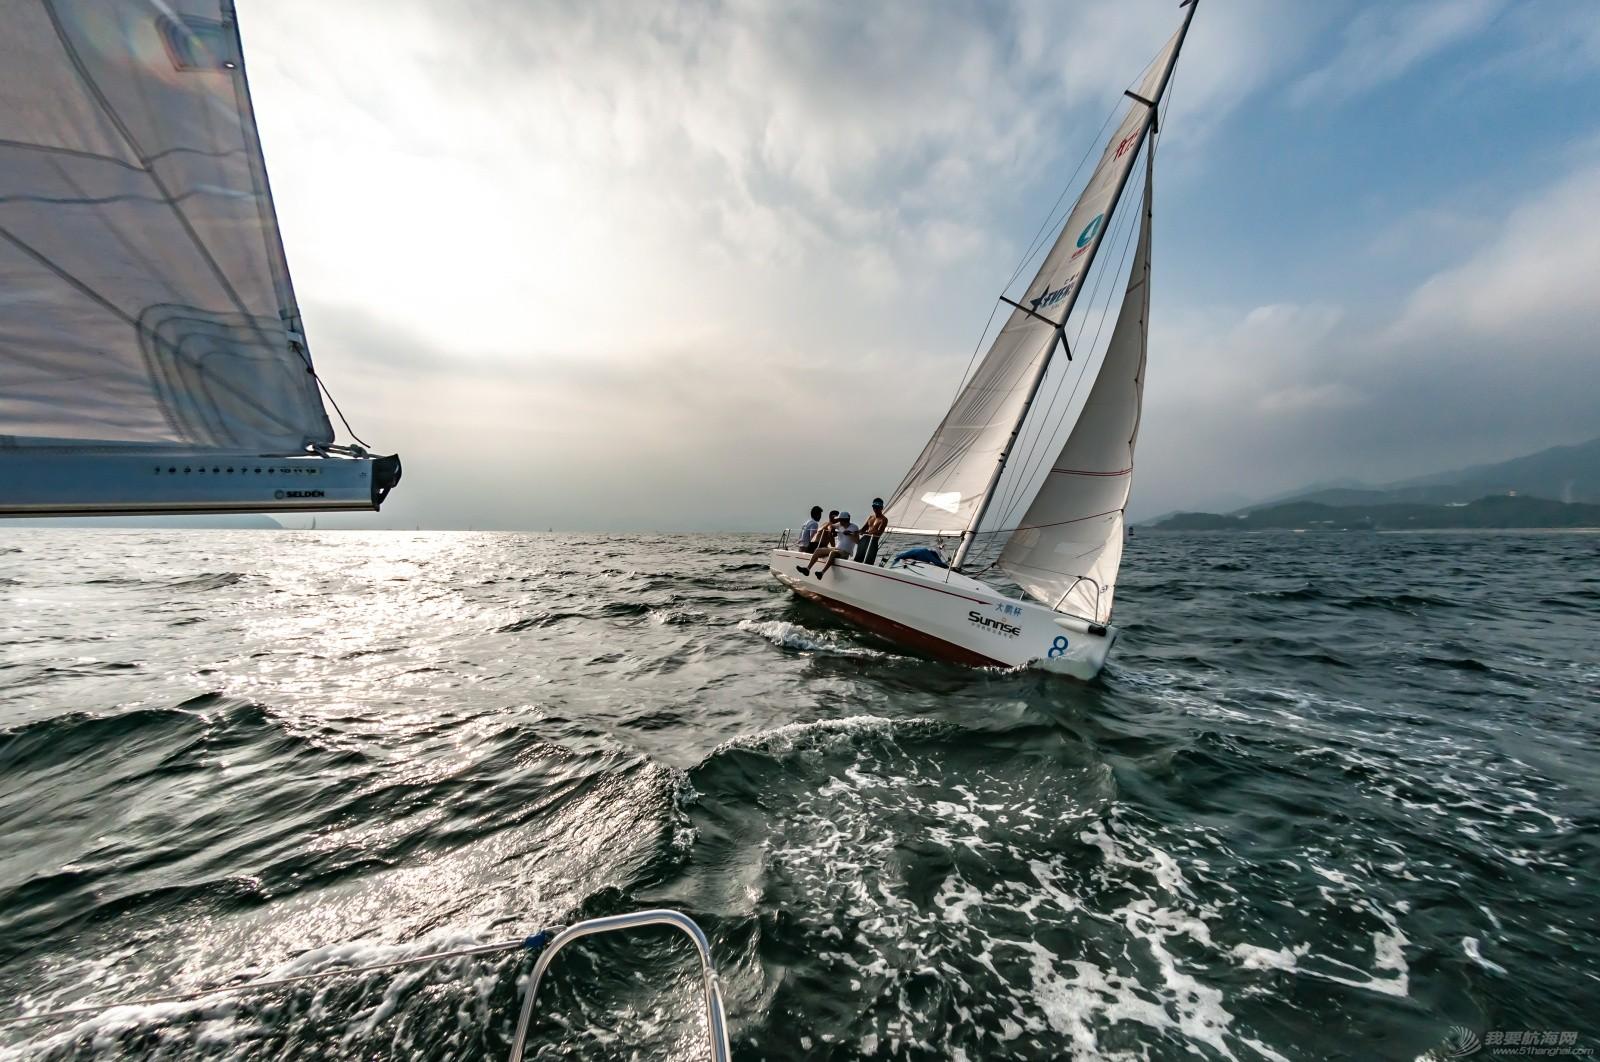 帆船 【2015大鹏杯帆船赛】鱼眼看航海 16012.jpg